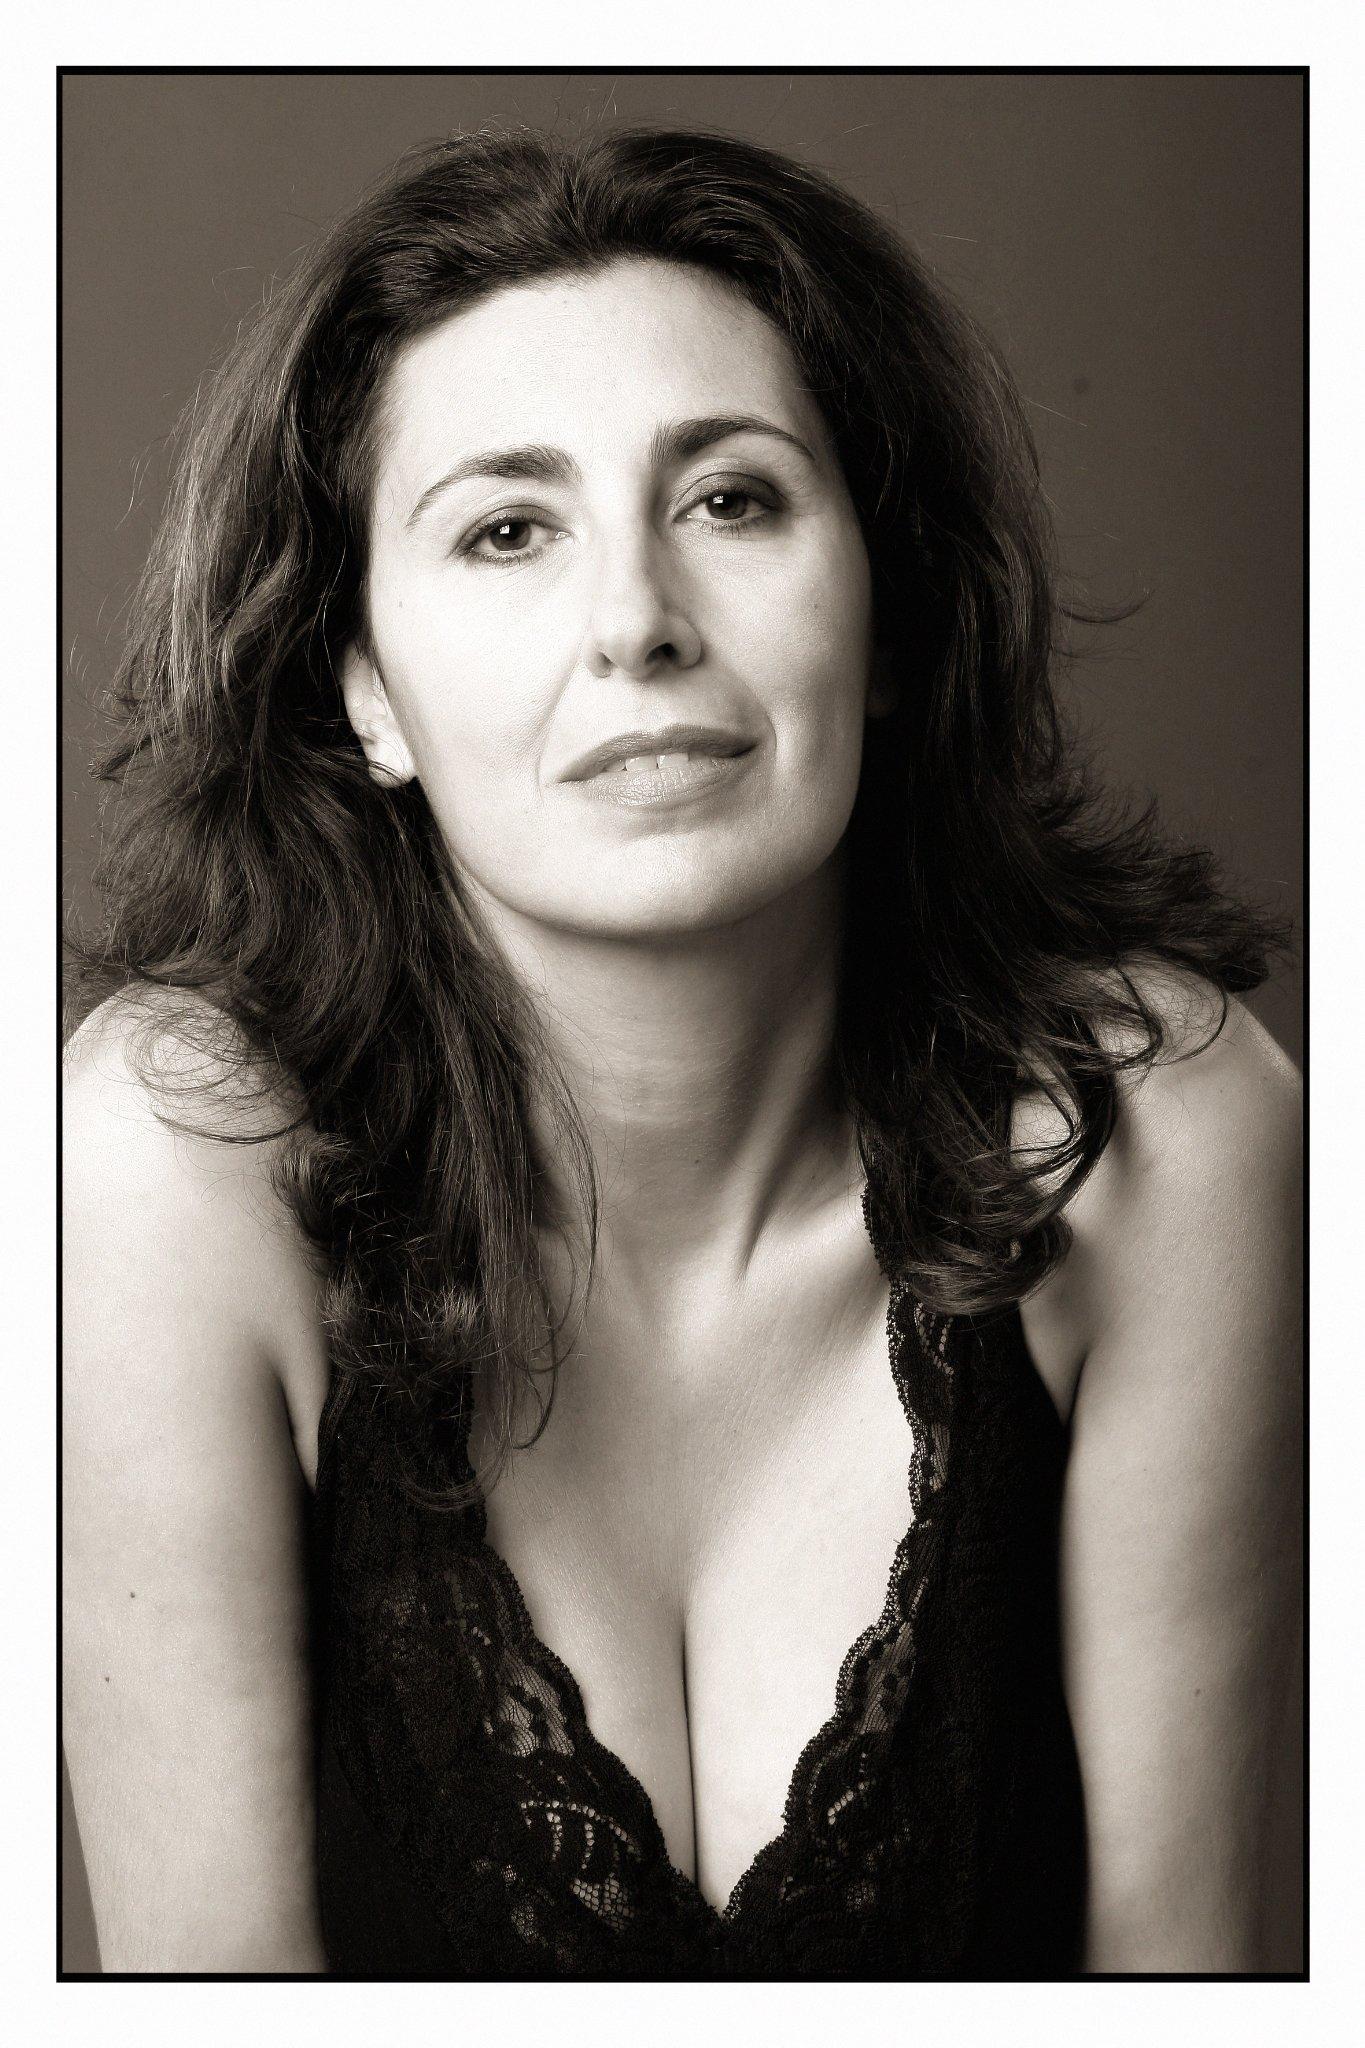 Rachel Keller (actress) picture